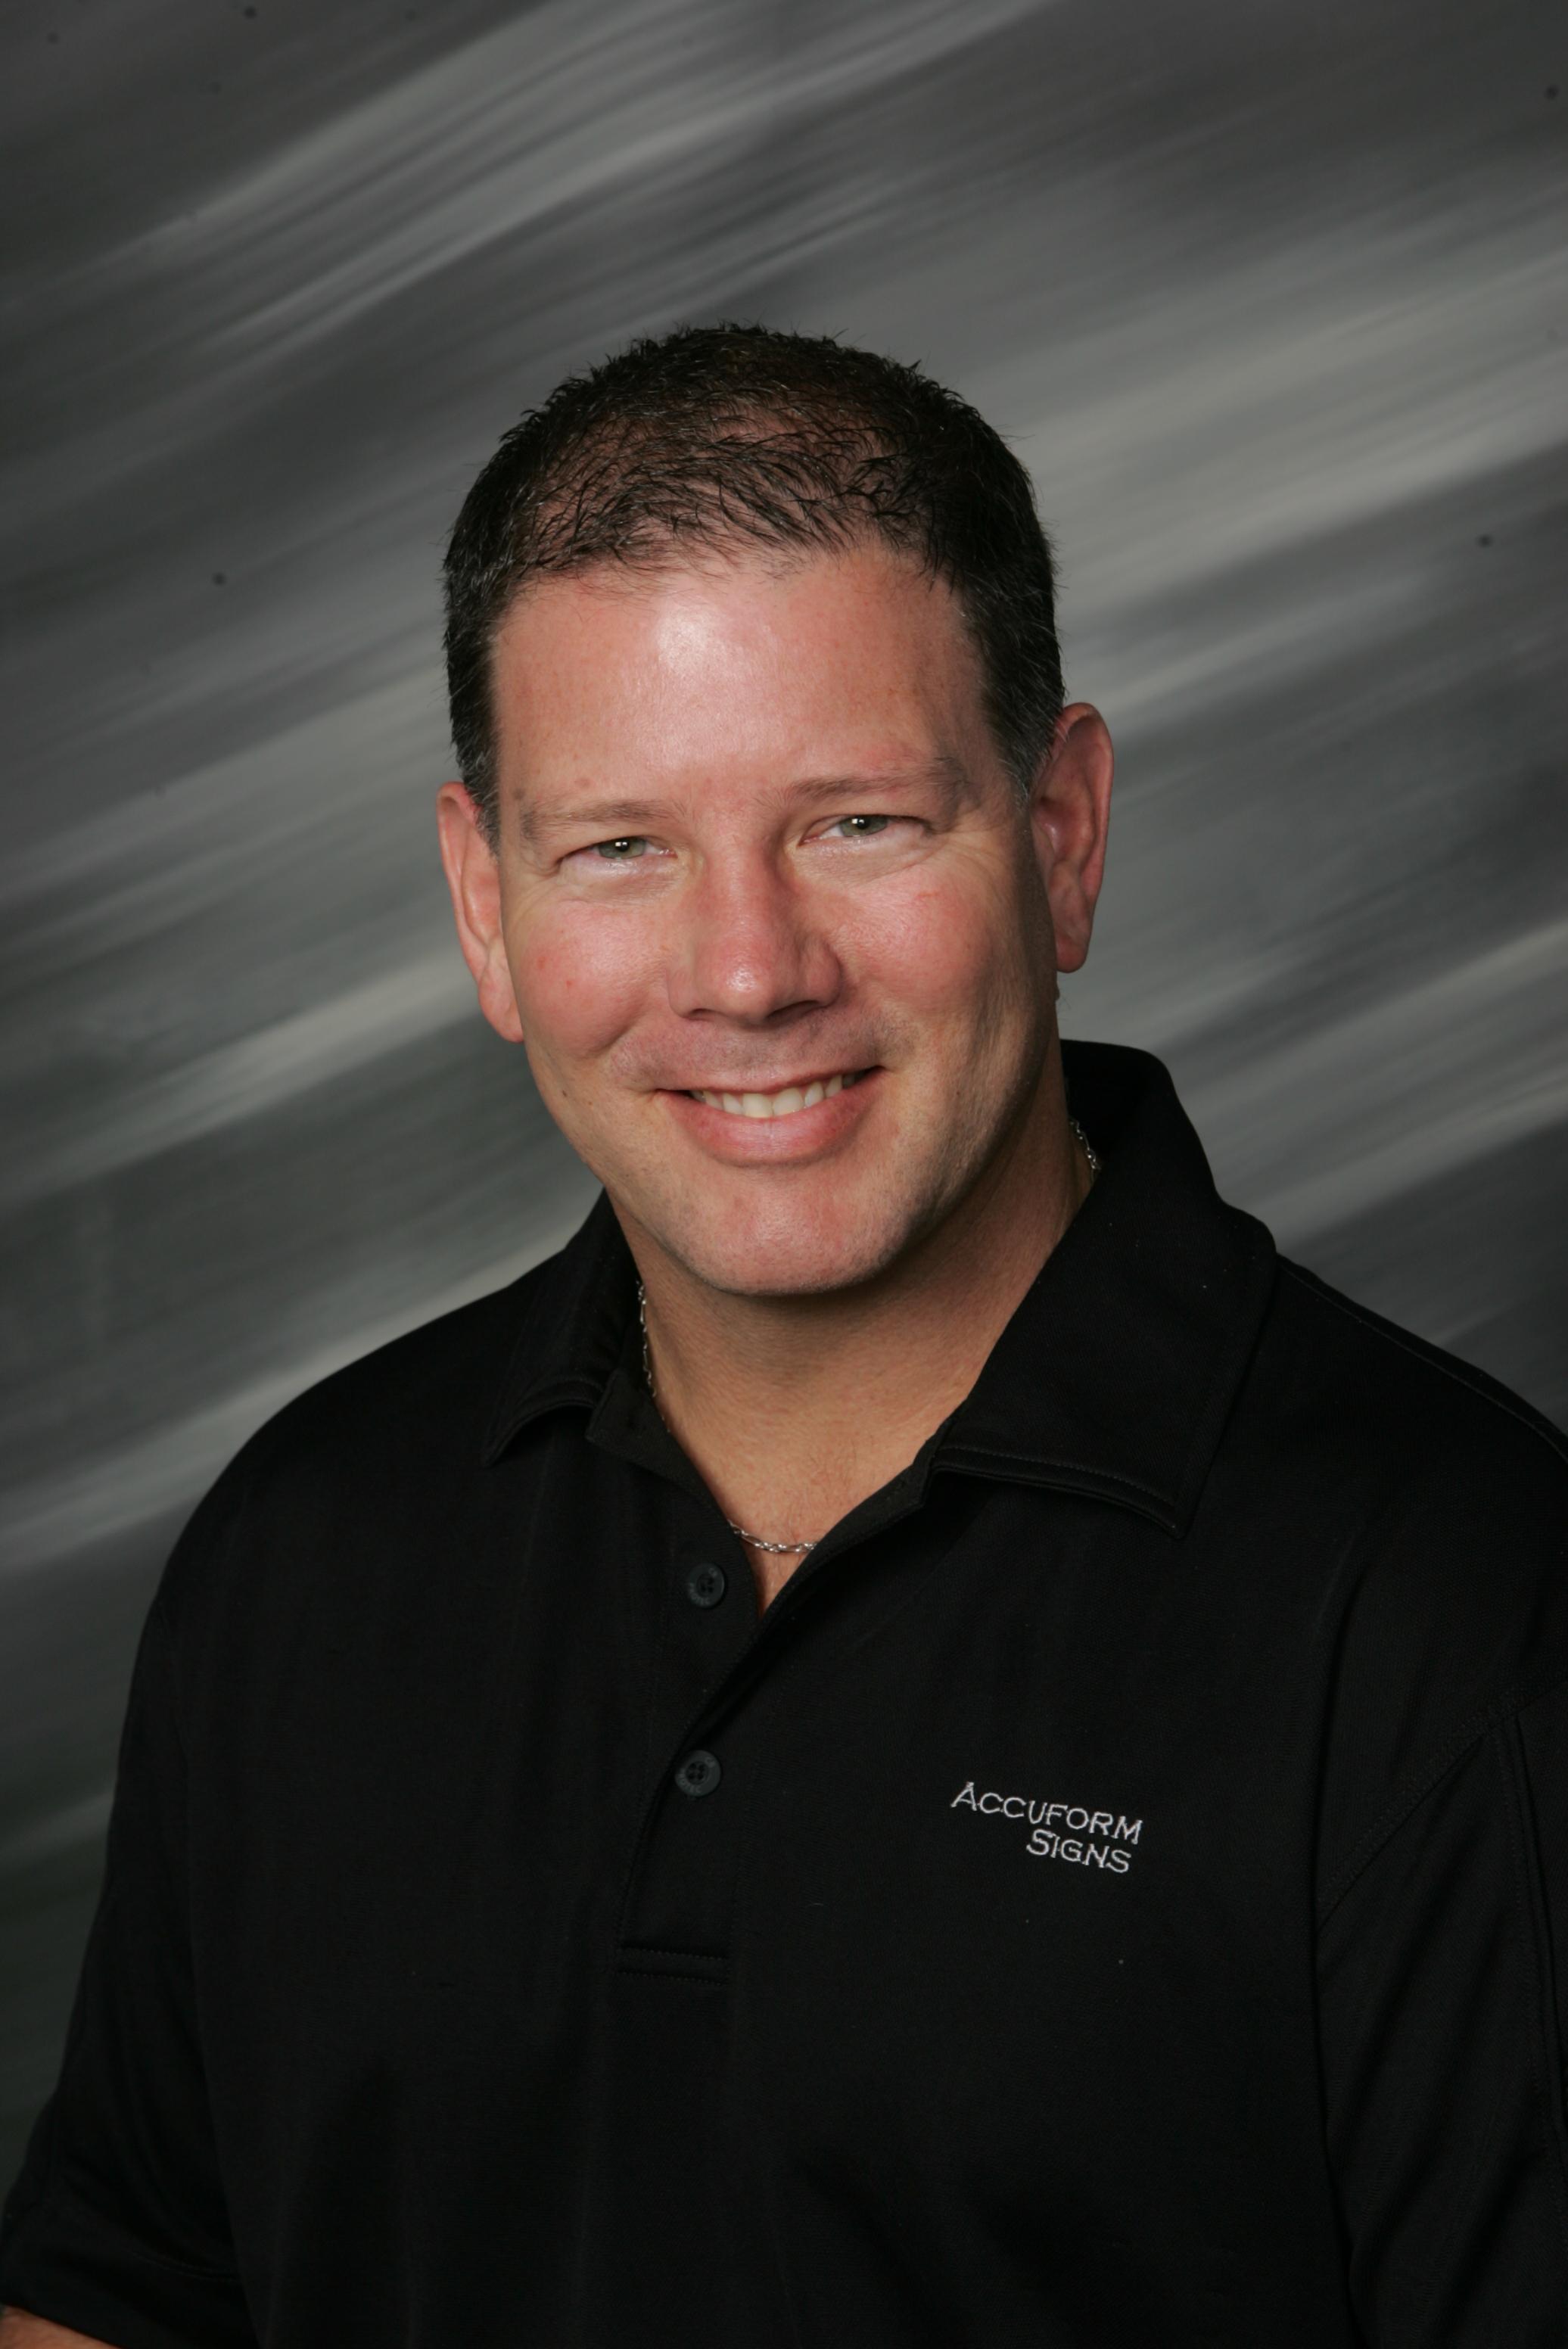 Jim Redmile